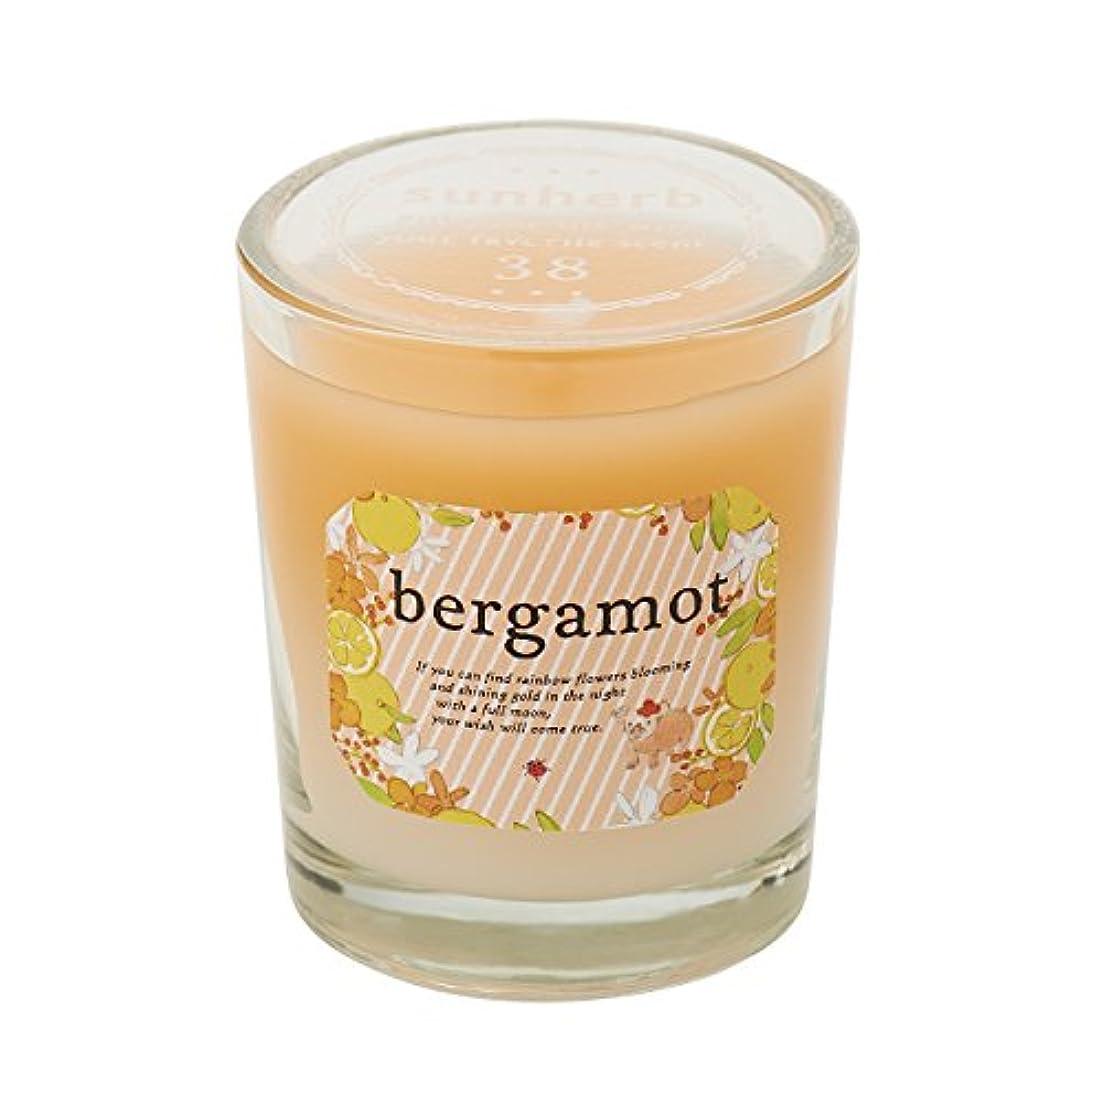 くそー楽しむ興奮サンハーブ グラスキャンドル ベルガモット 35g(グラデーションろうそく 燃焼時間約10時間 懐かしい甘酸っぱい香り)